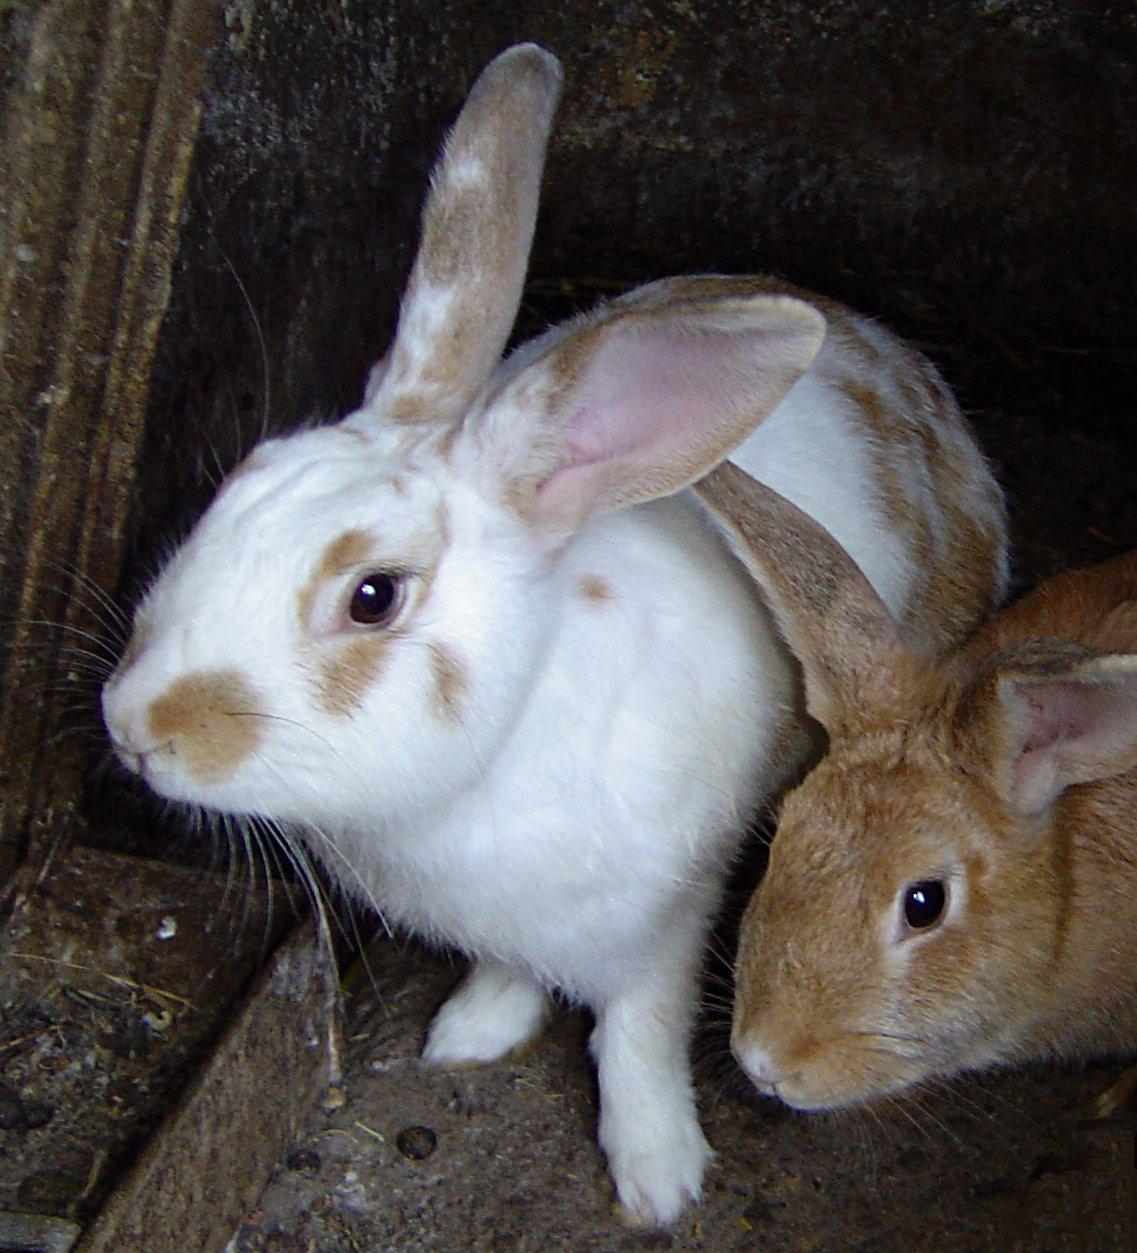 rabbits democratic underground